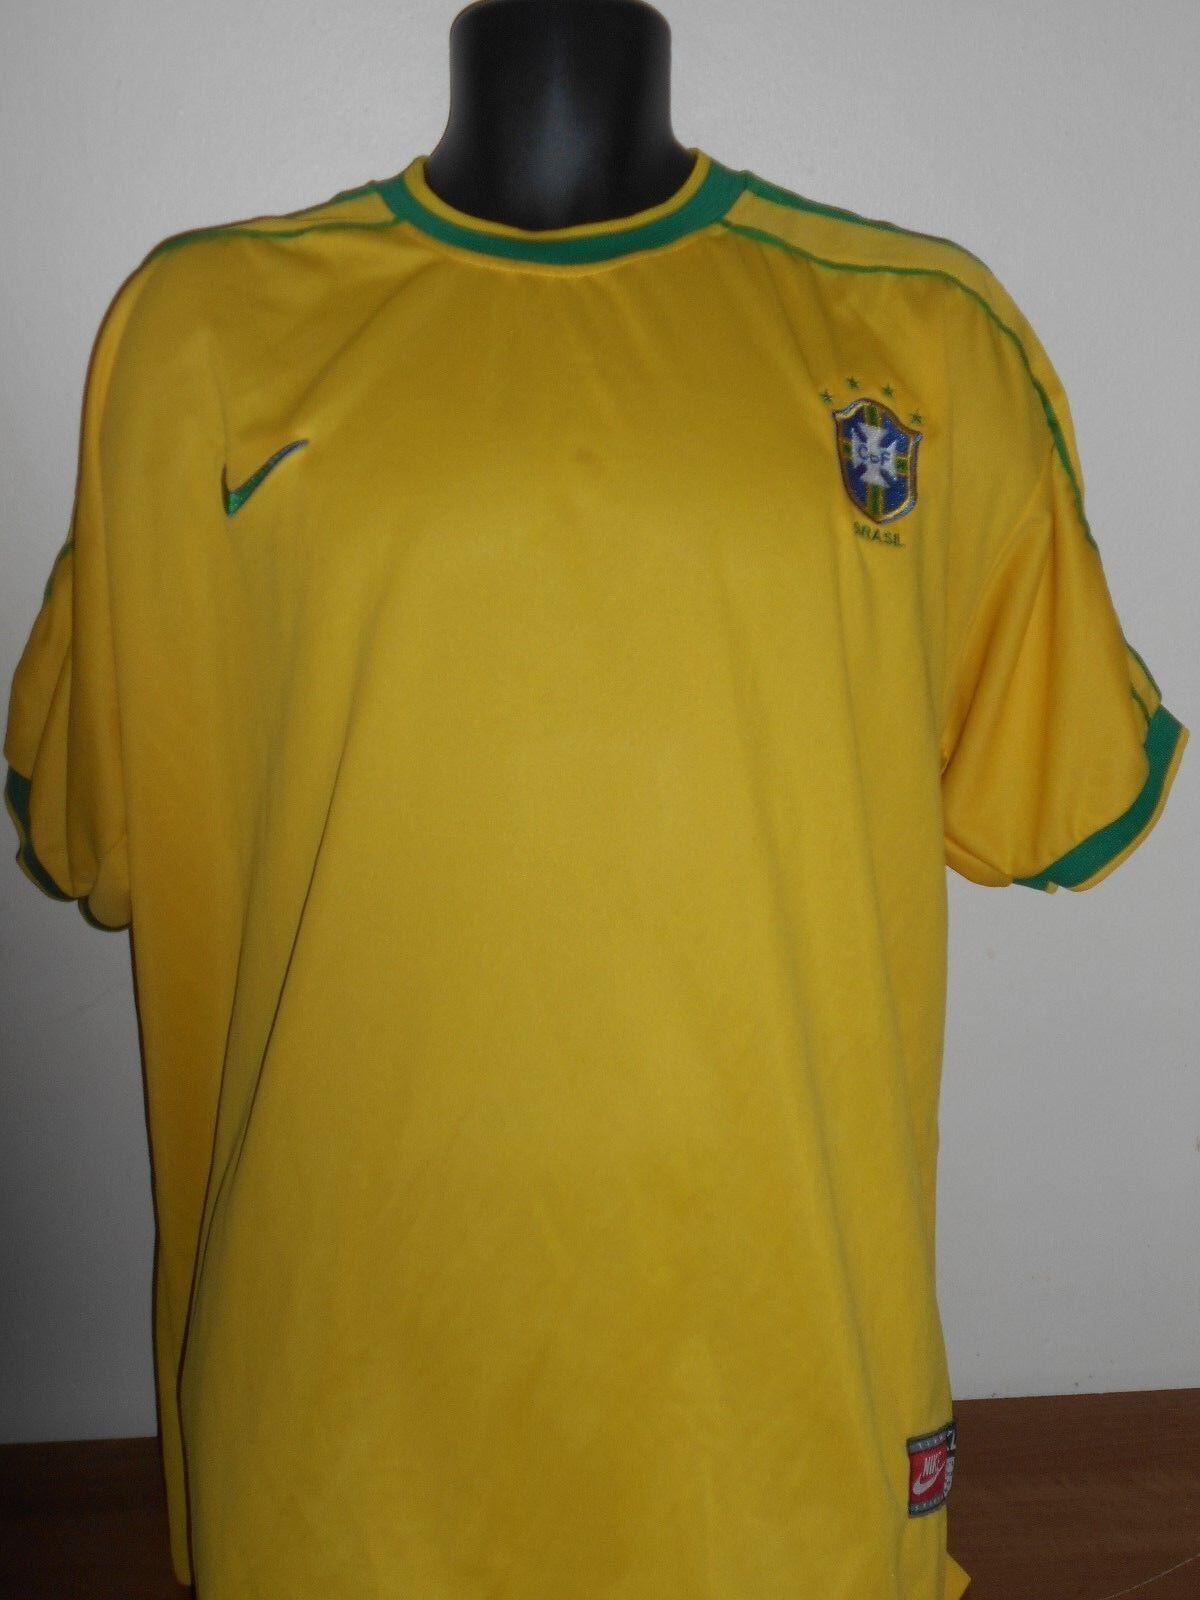 Camisa de inicio  de Brasil (1998 2000) XL para hombres  778  producto de calidad